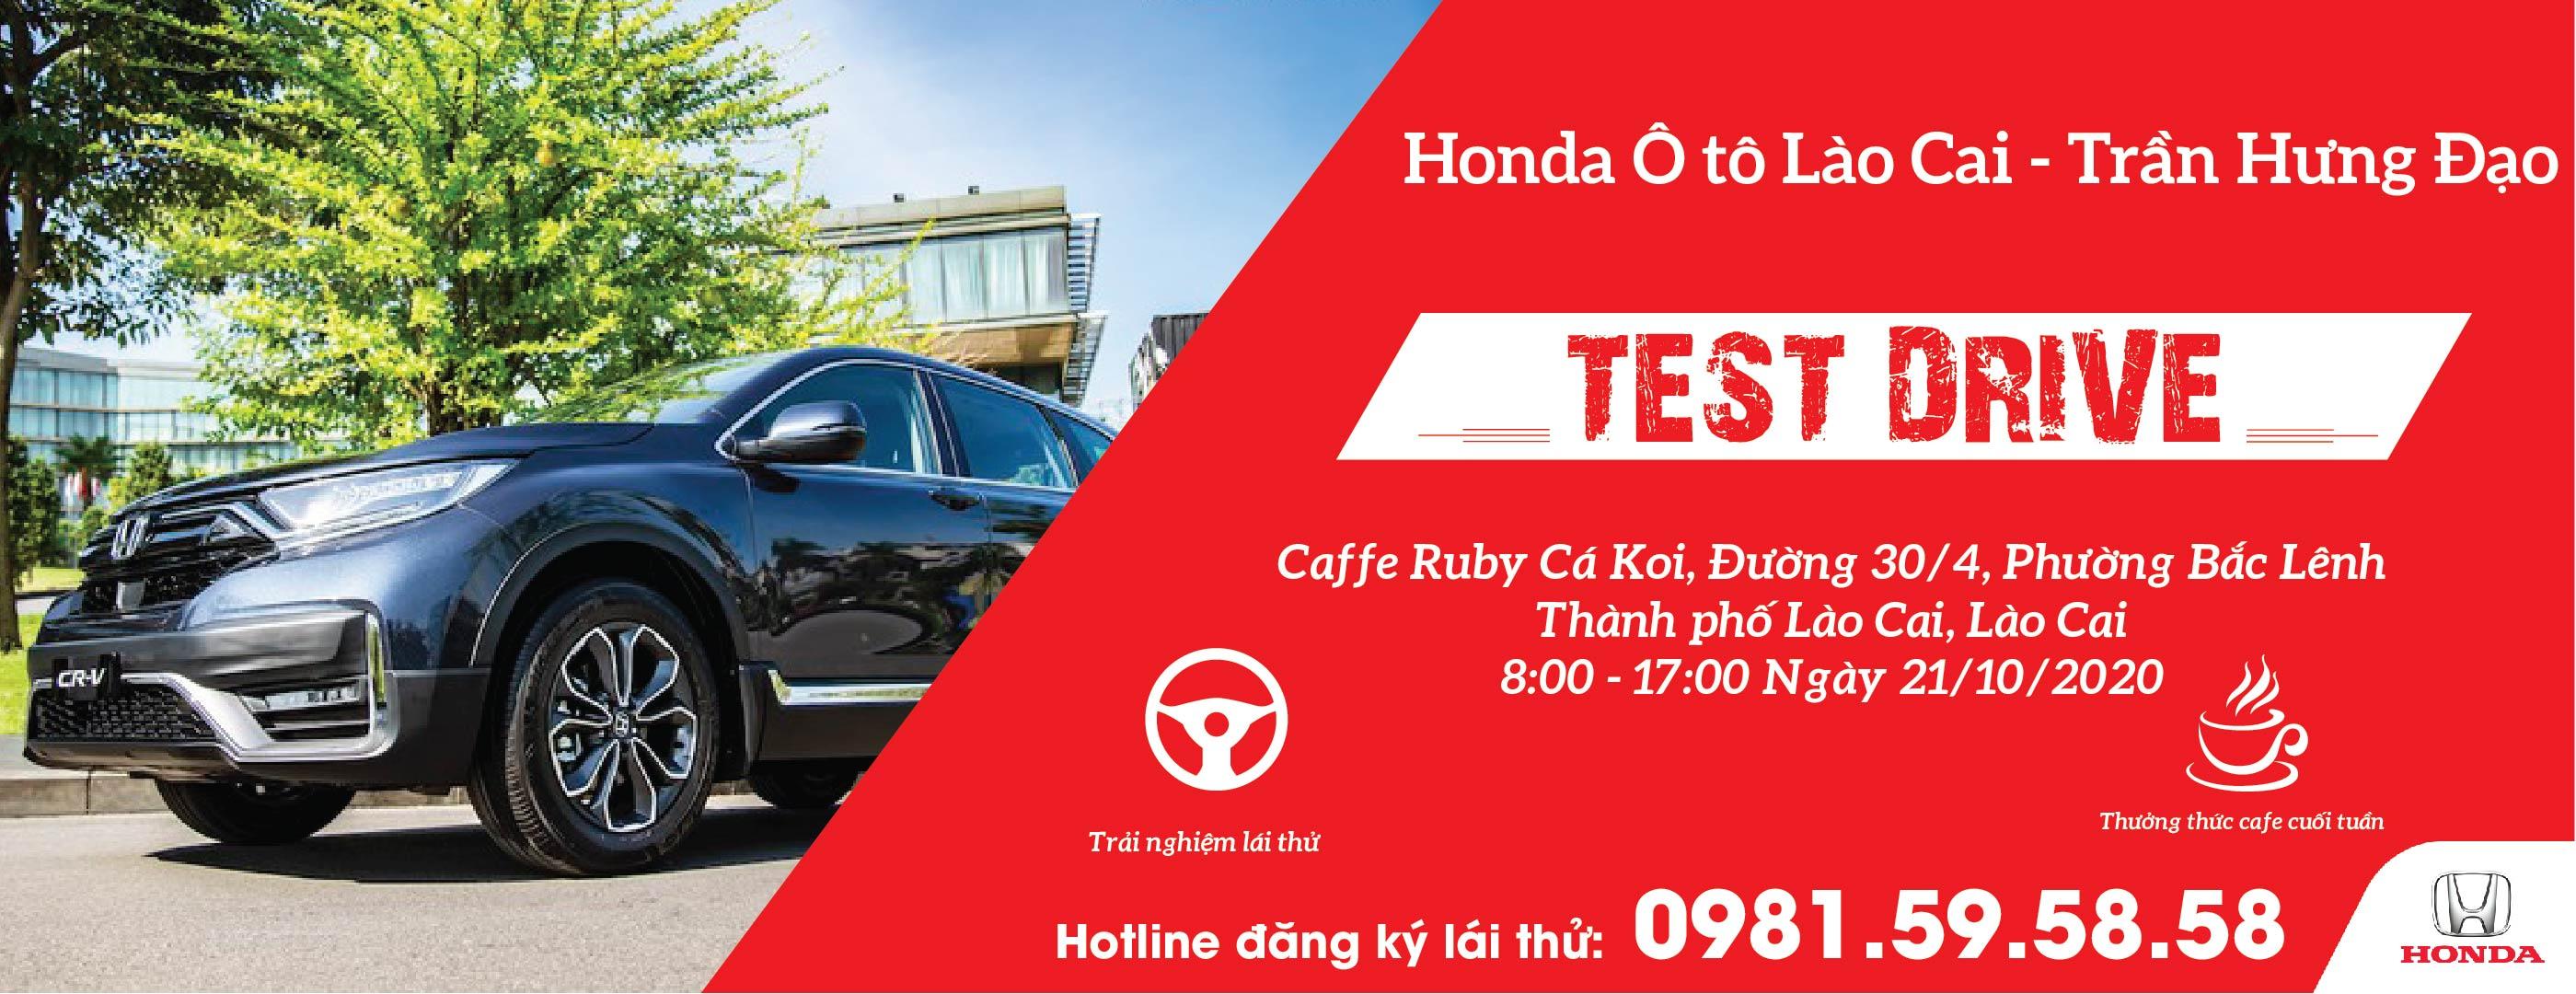 Sự kiện lái thử các dòng xe tại Honda Ô tô Lào Cai